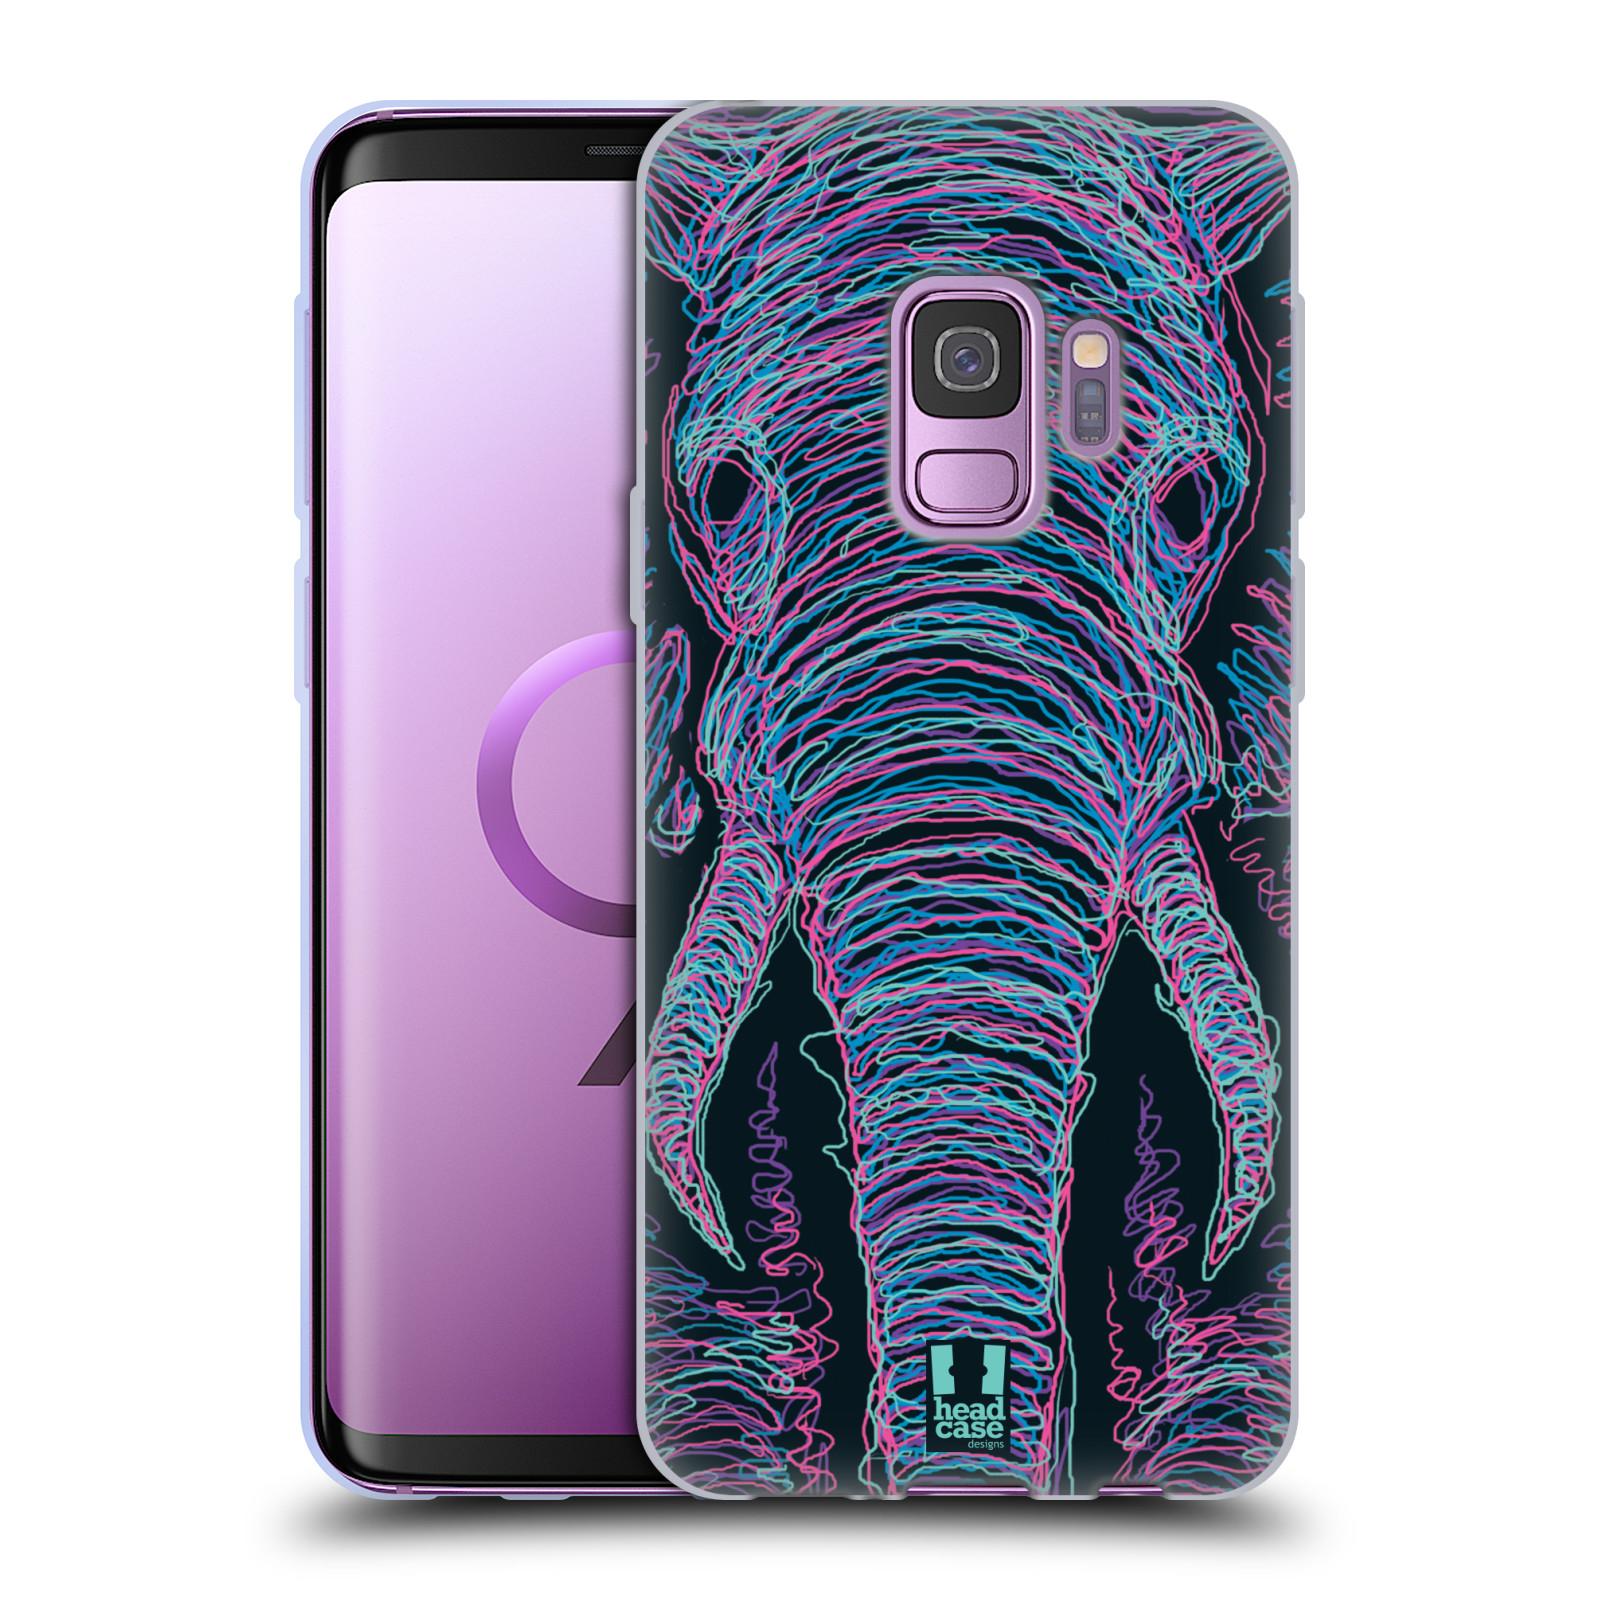 HEAD CASE silikonový obal na mobil Samsung Galaxy S9 vzor zvíře čmáranice slon